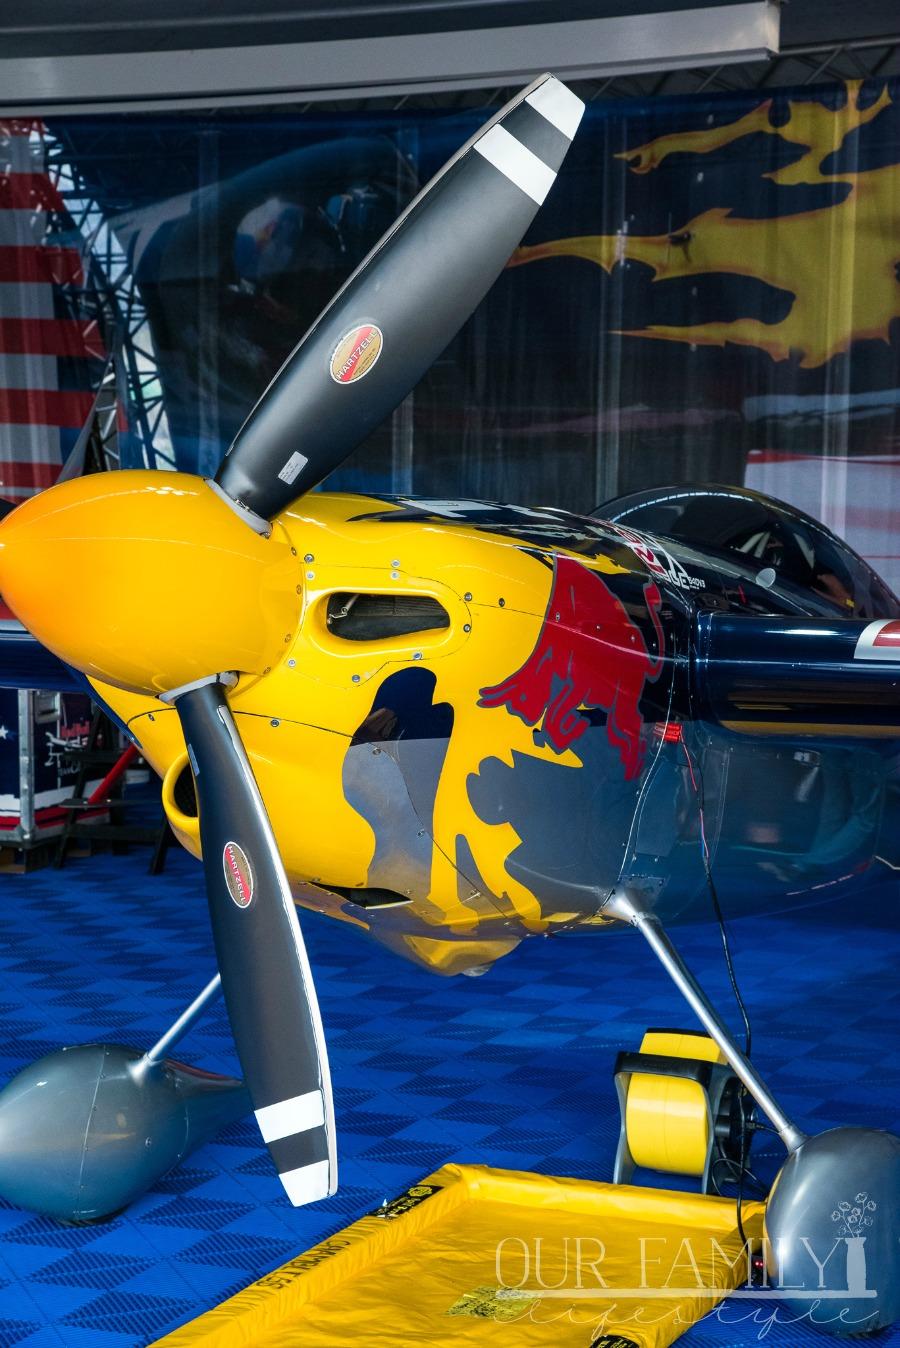 Red Bull Air Race Hangar Viewing